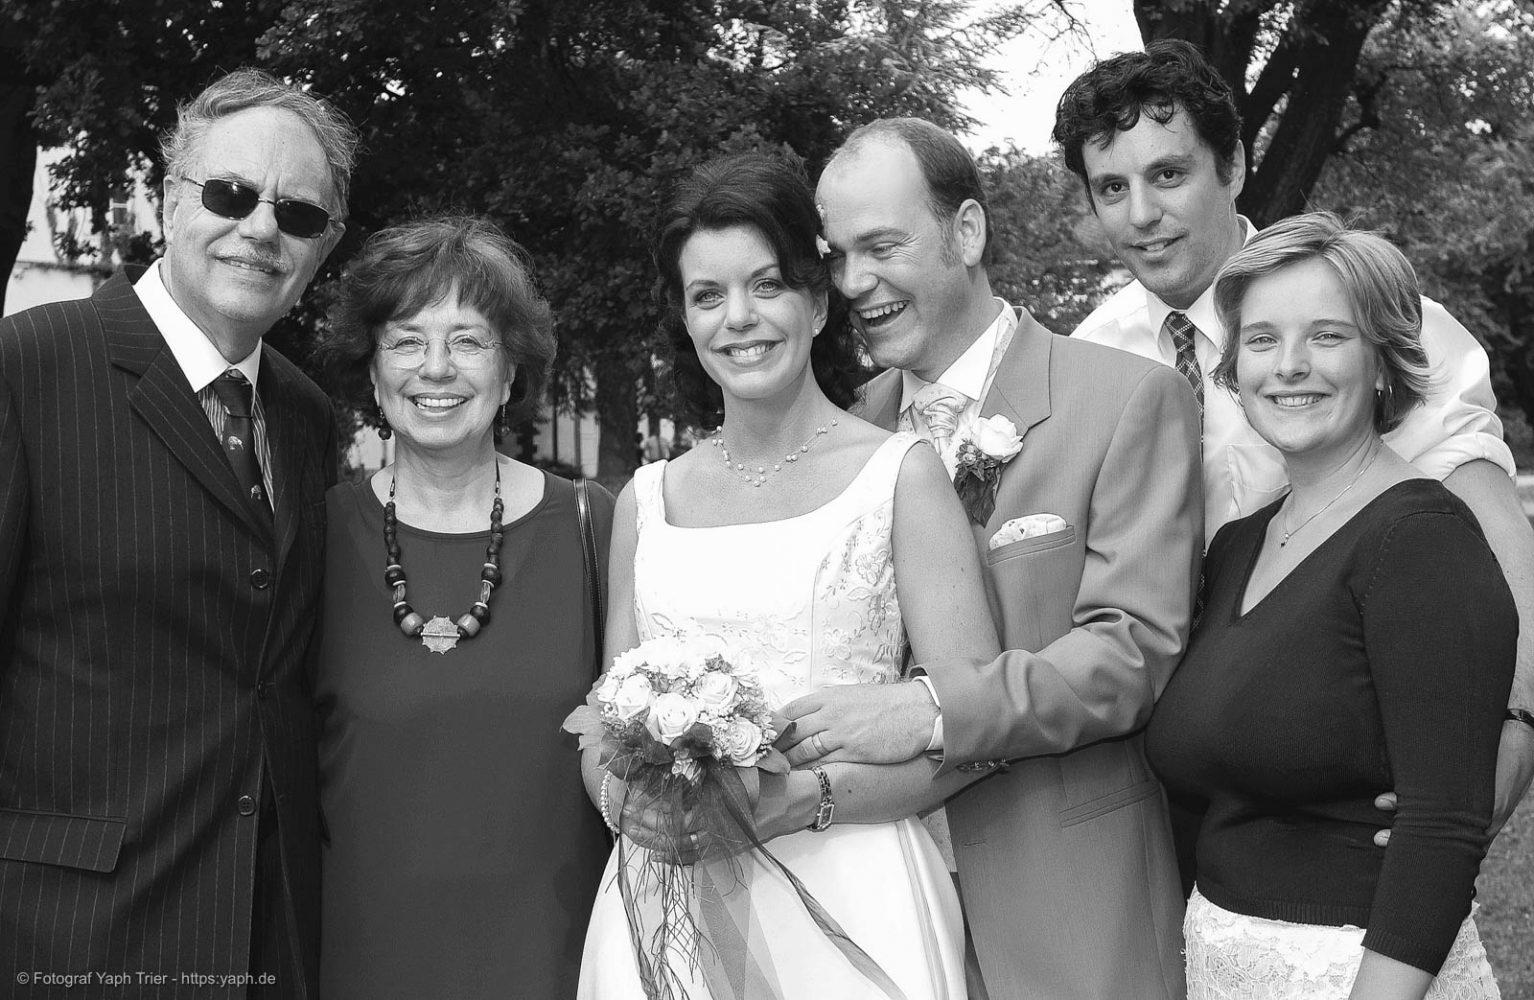 Hochzeitsfotos Mireille-Marco mit Verwandten im Nellspark Fotograf Trier - Yaph Nells Park